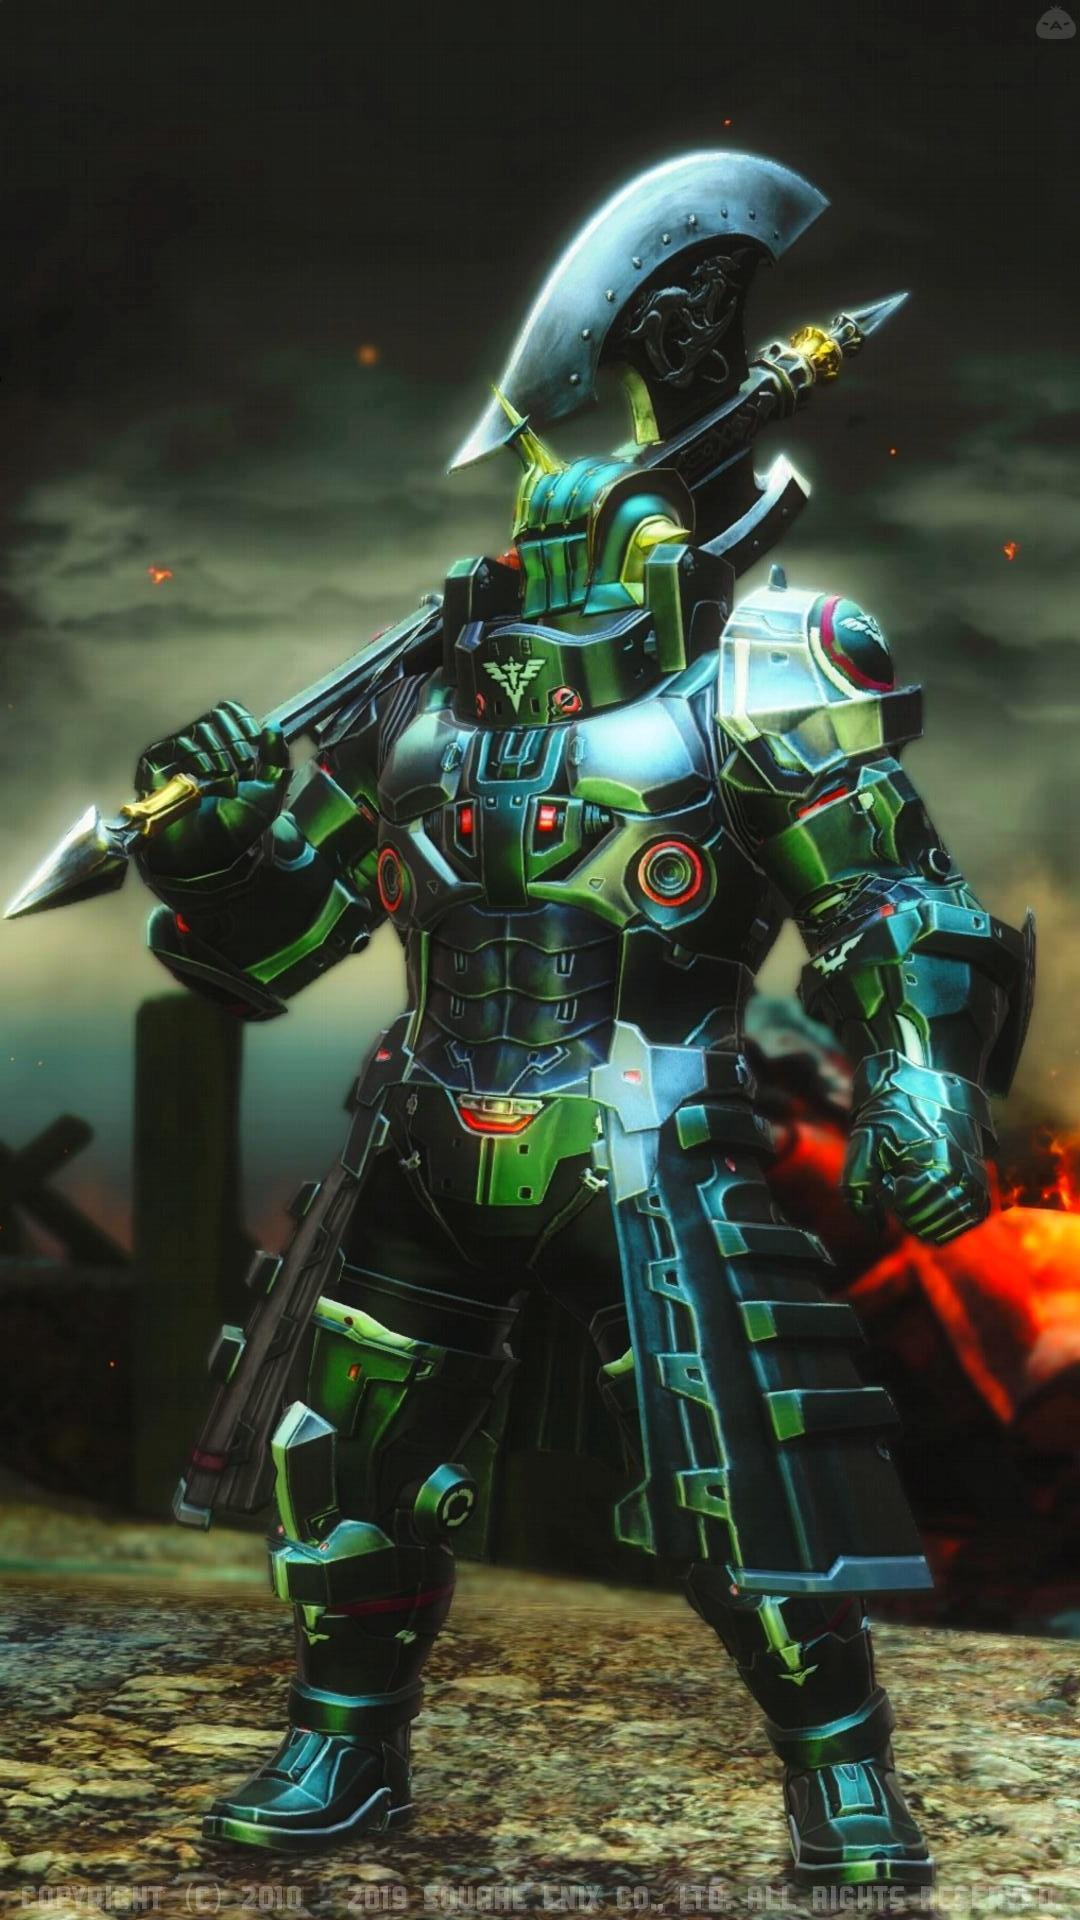 deepgreen mechanic warrior